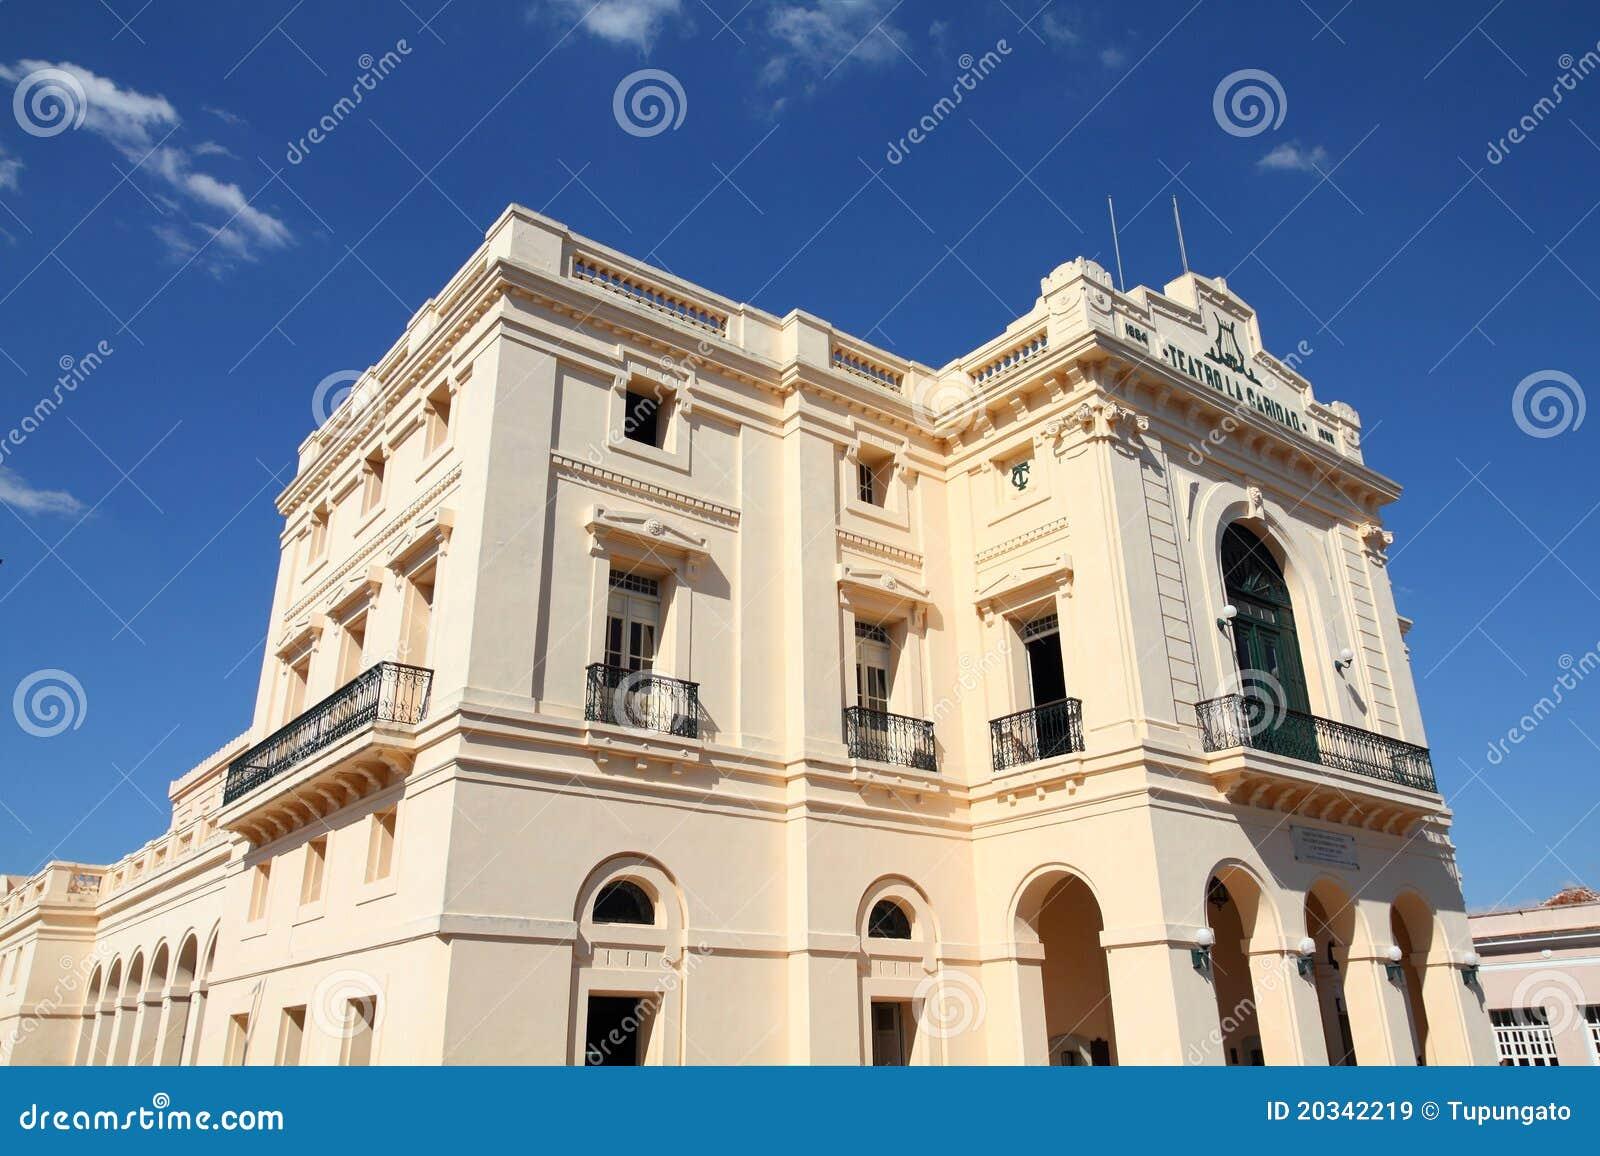 Kuba - Santa Clara